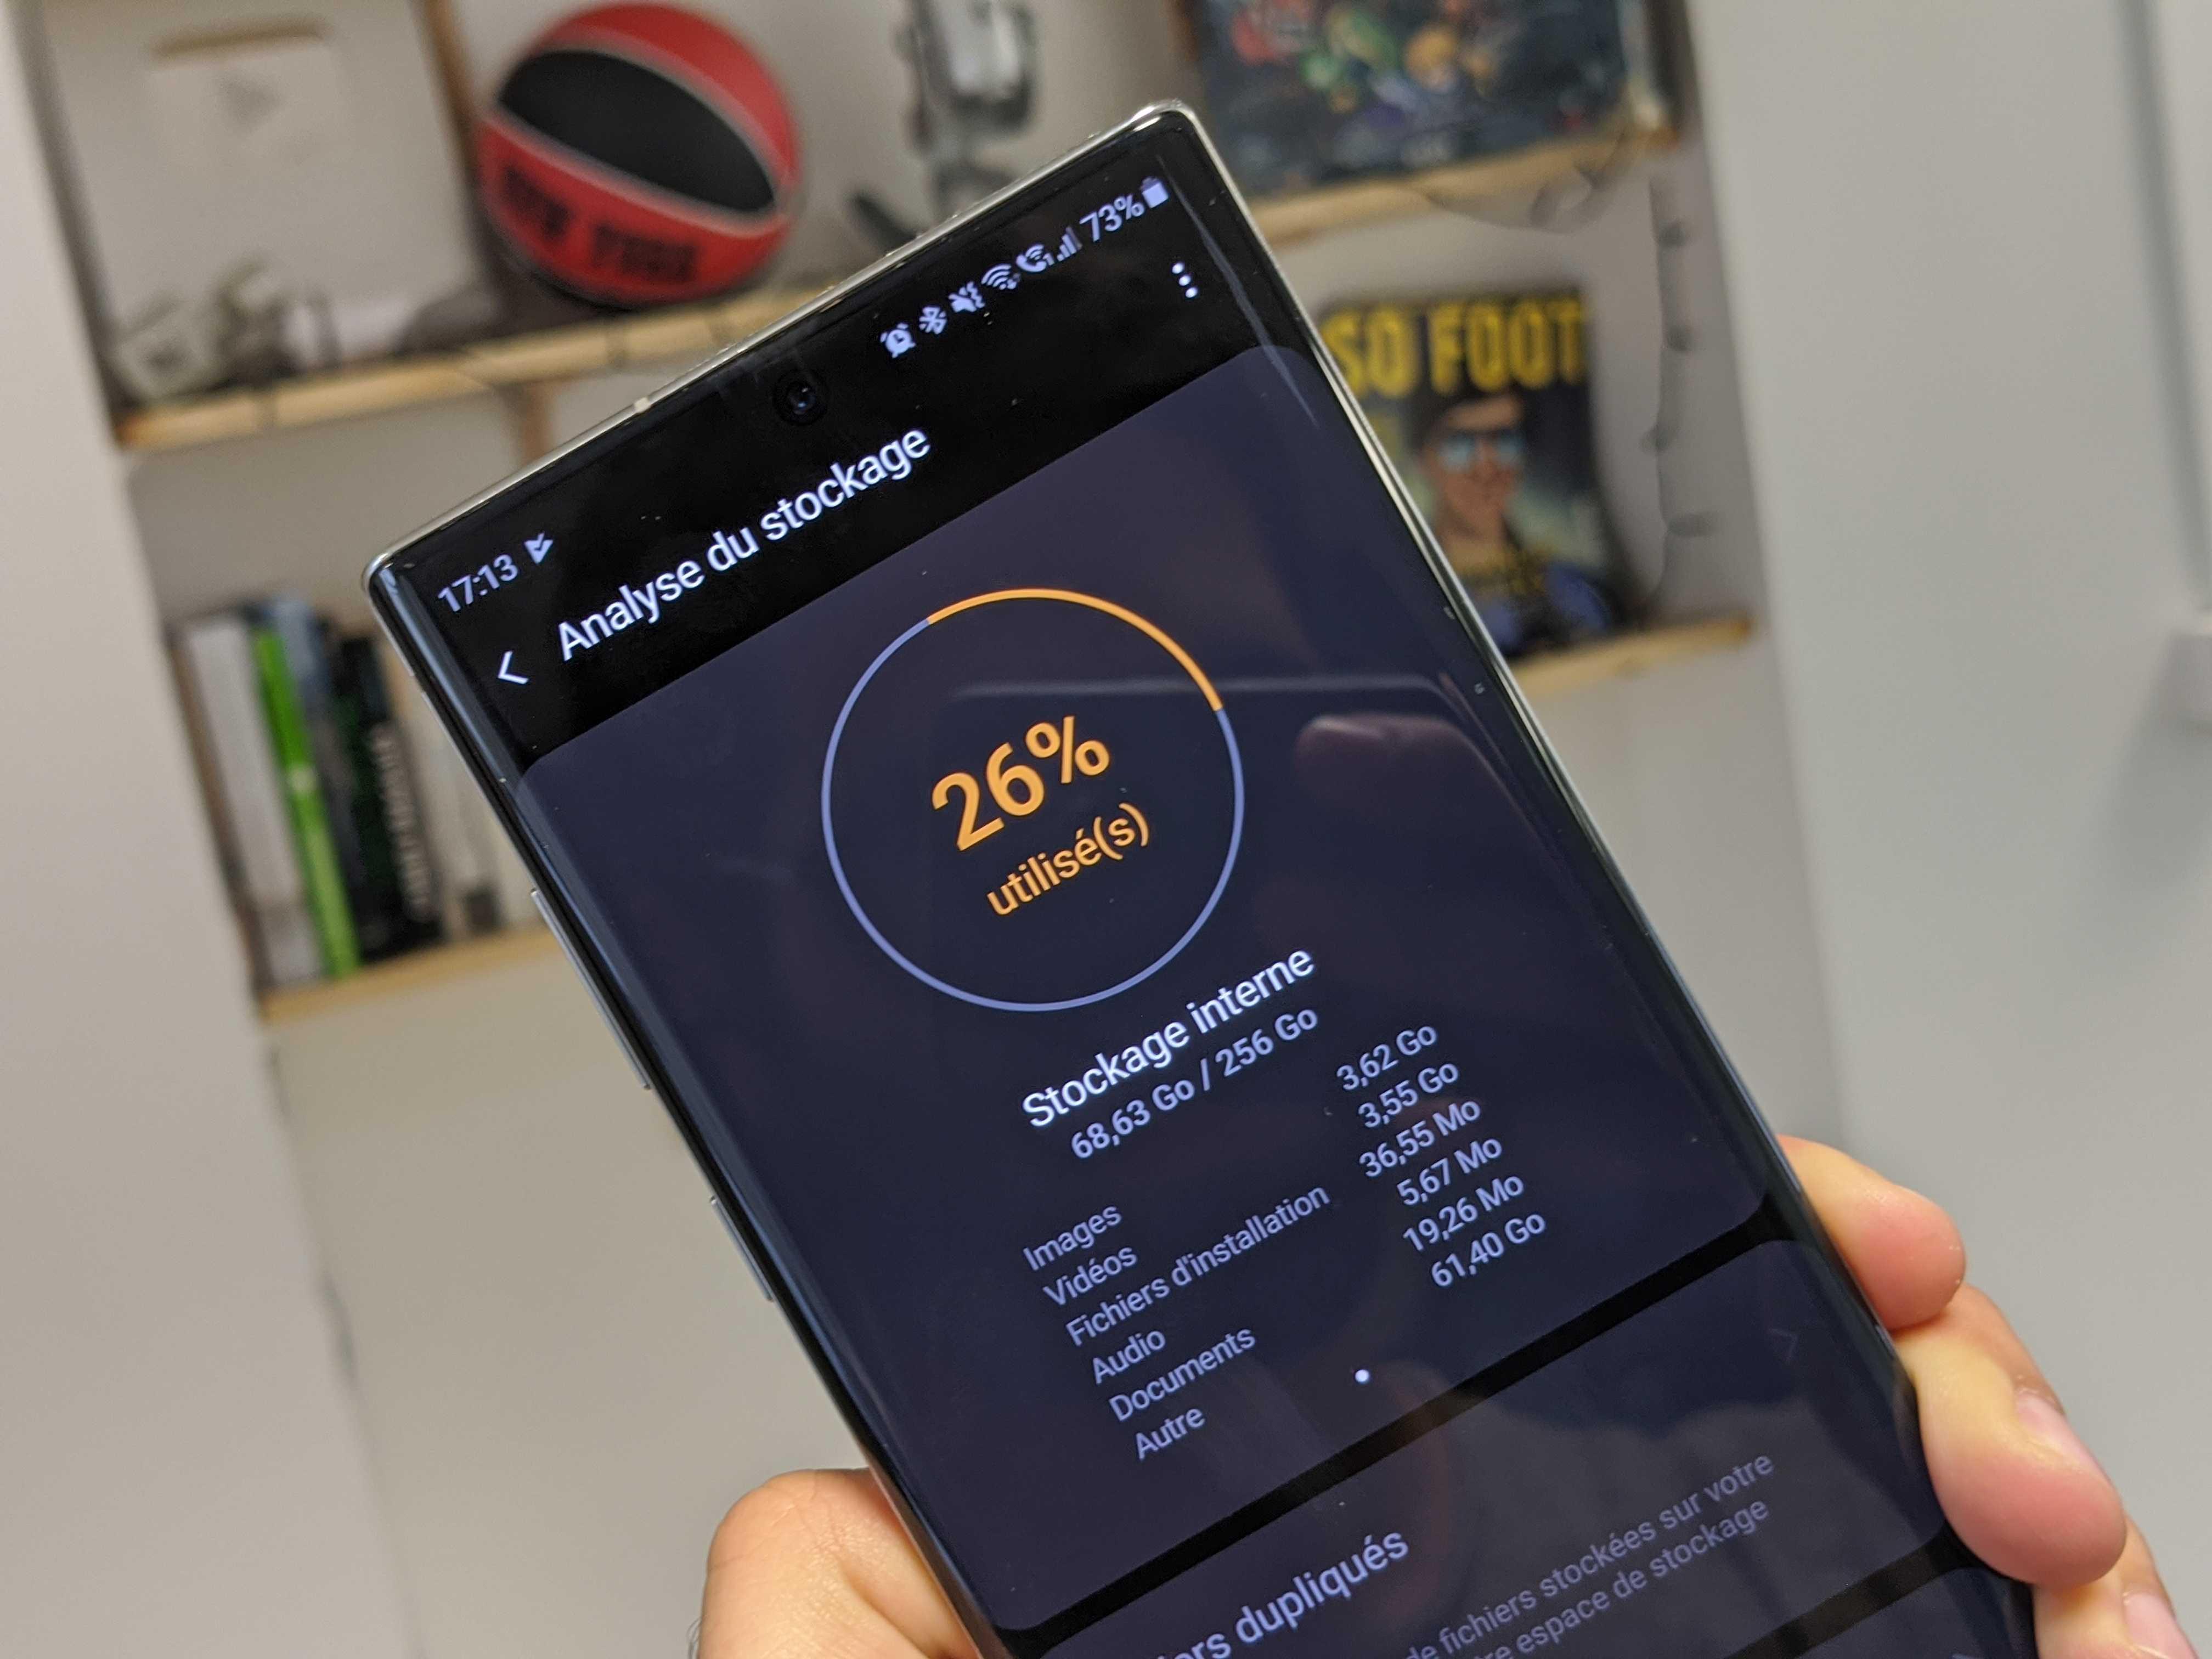 De combien d'espace de stockage avez-vous besoin sur votre smartphone ? – Sondage de la semaine